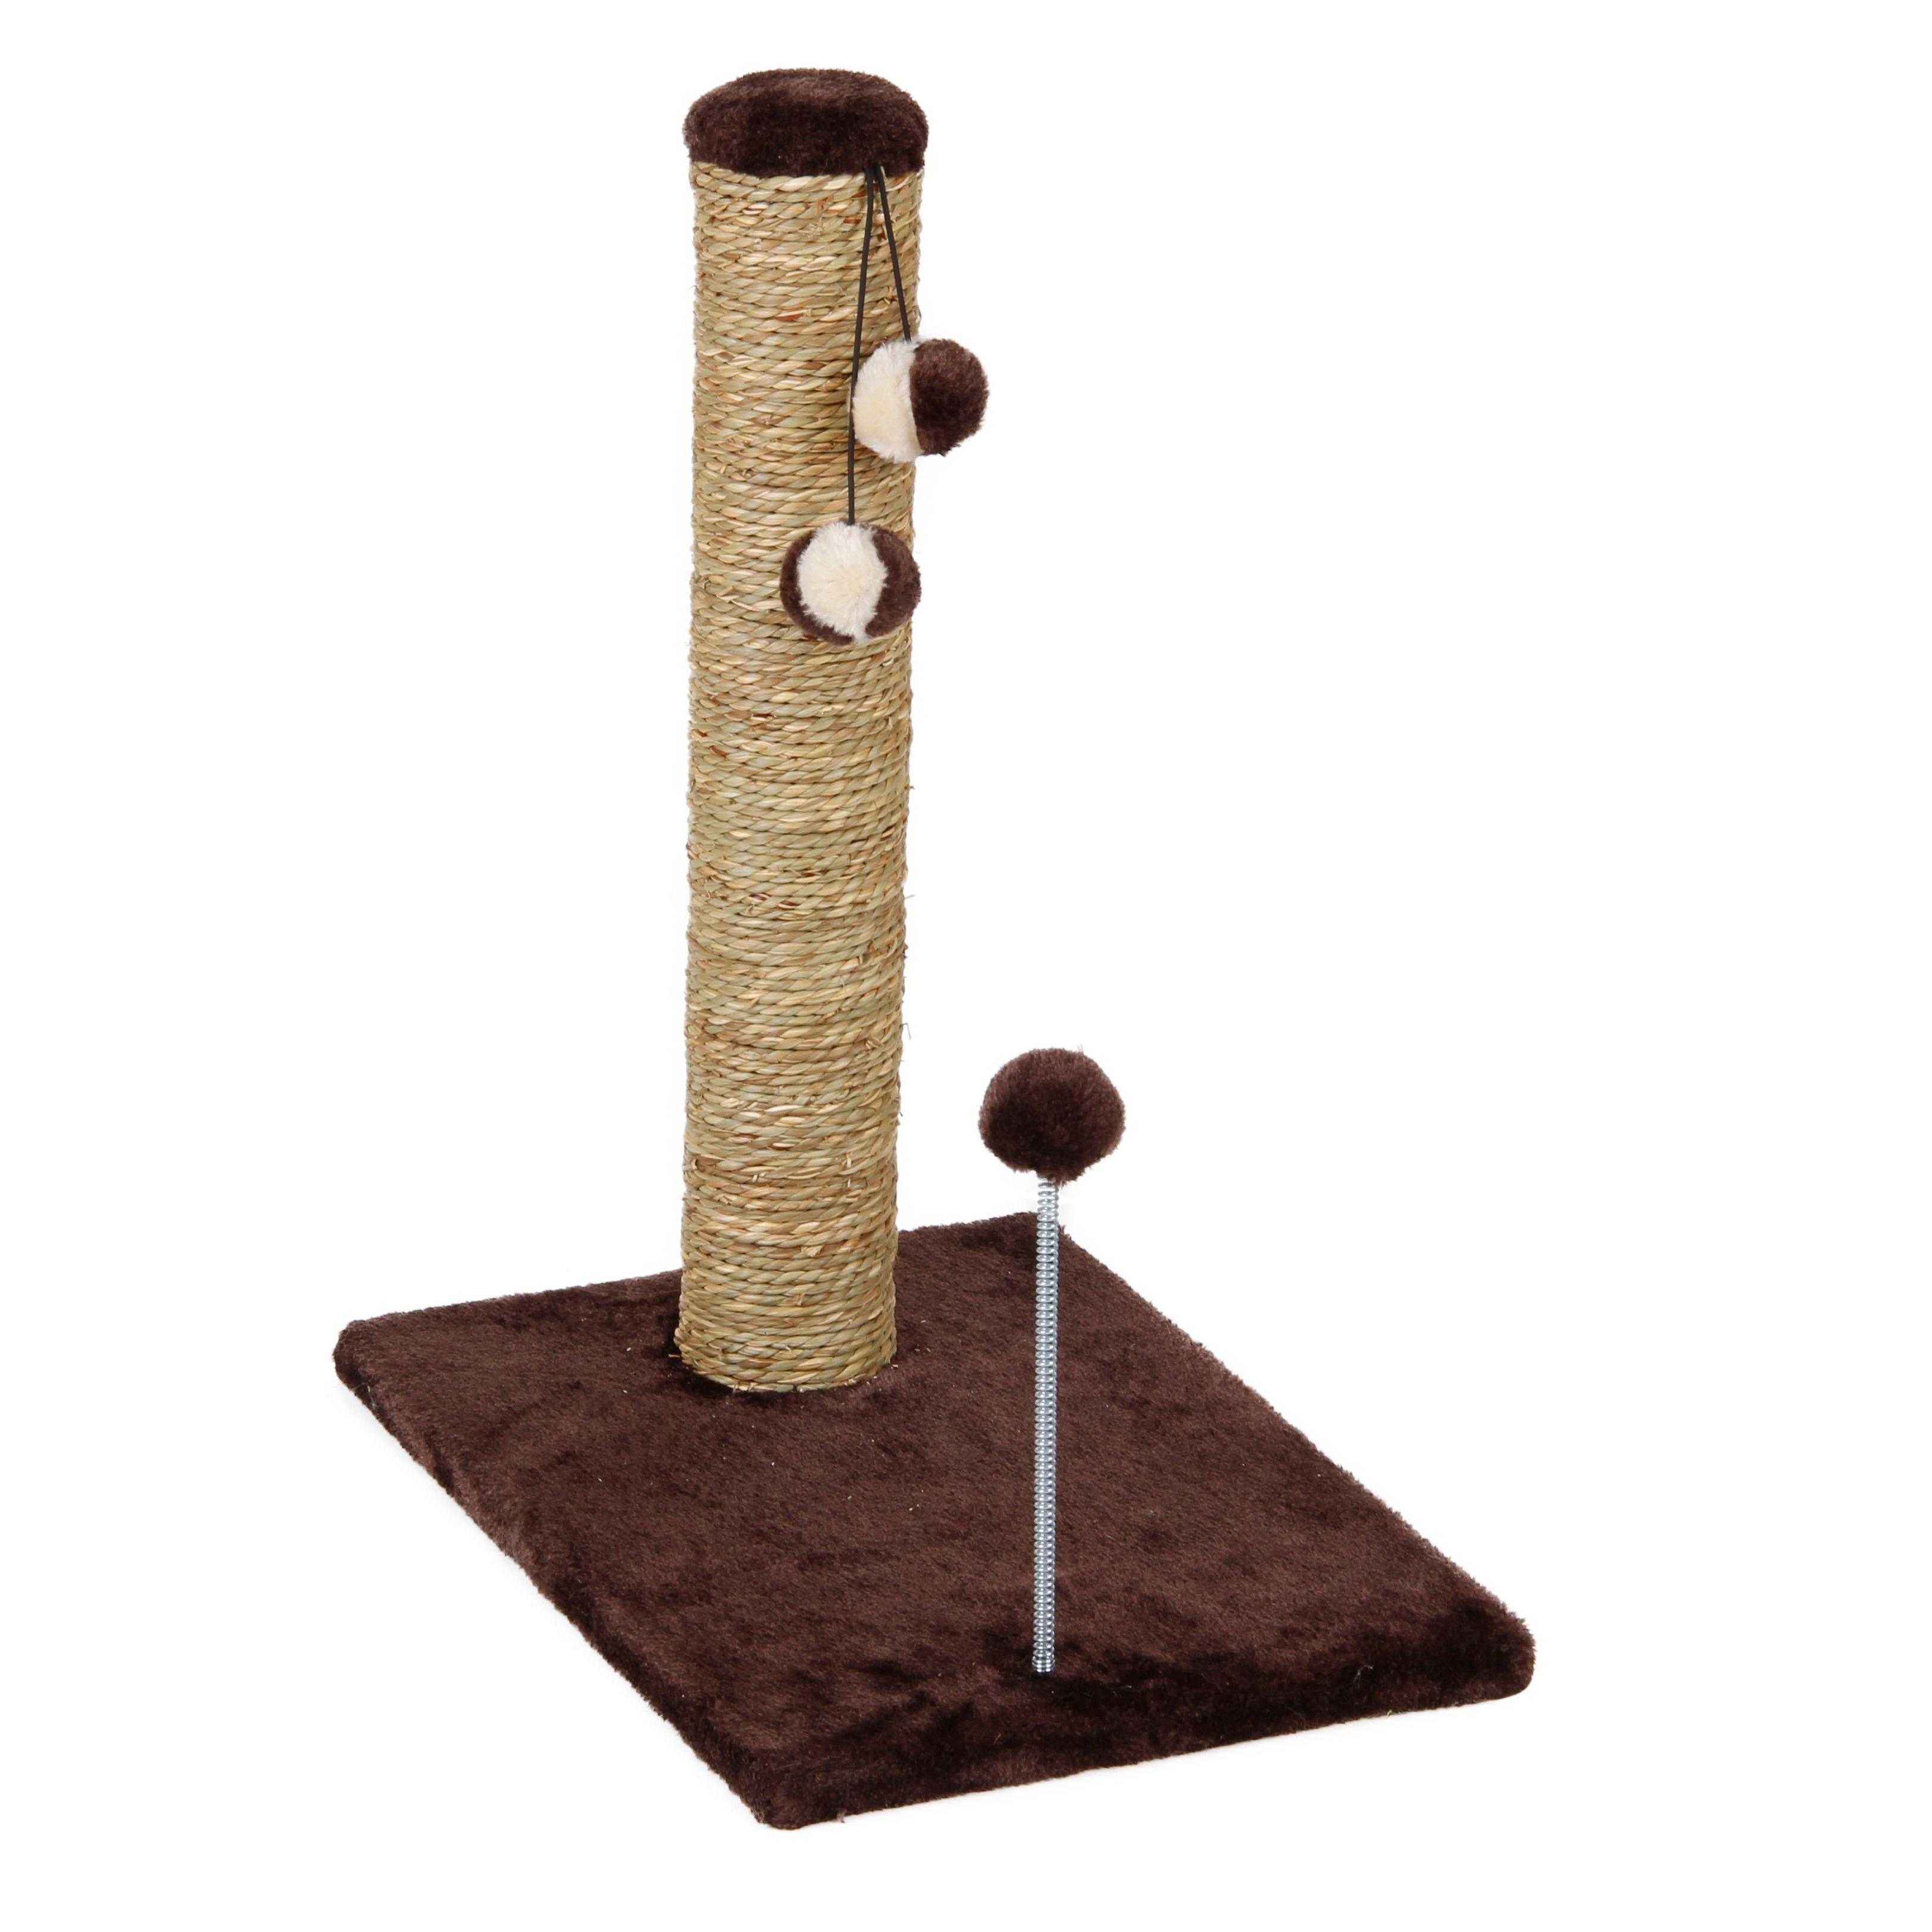 International Cat Craft Seagrass 20-inch Cat Scratcher Wi...